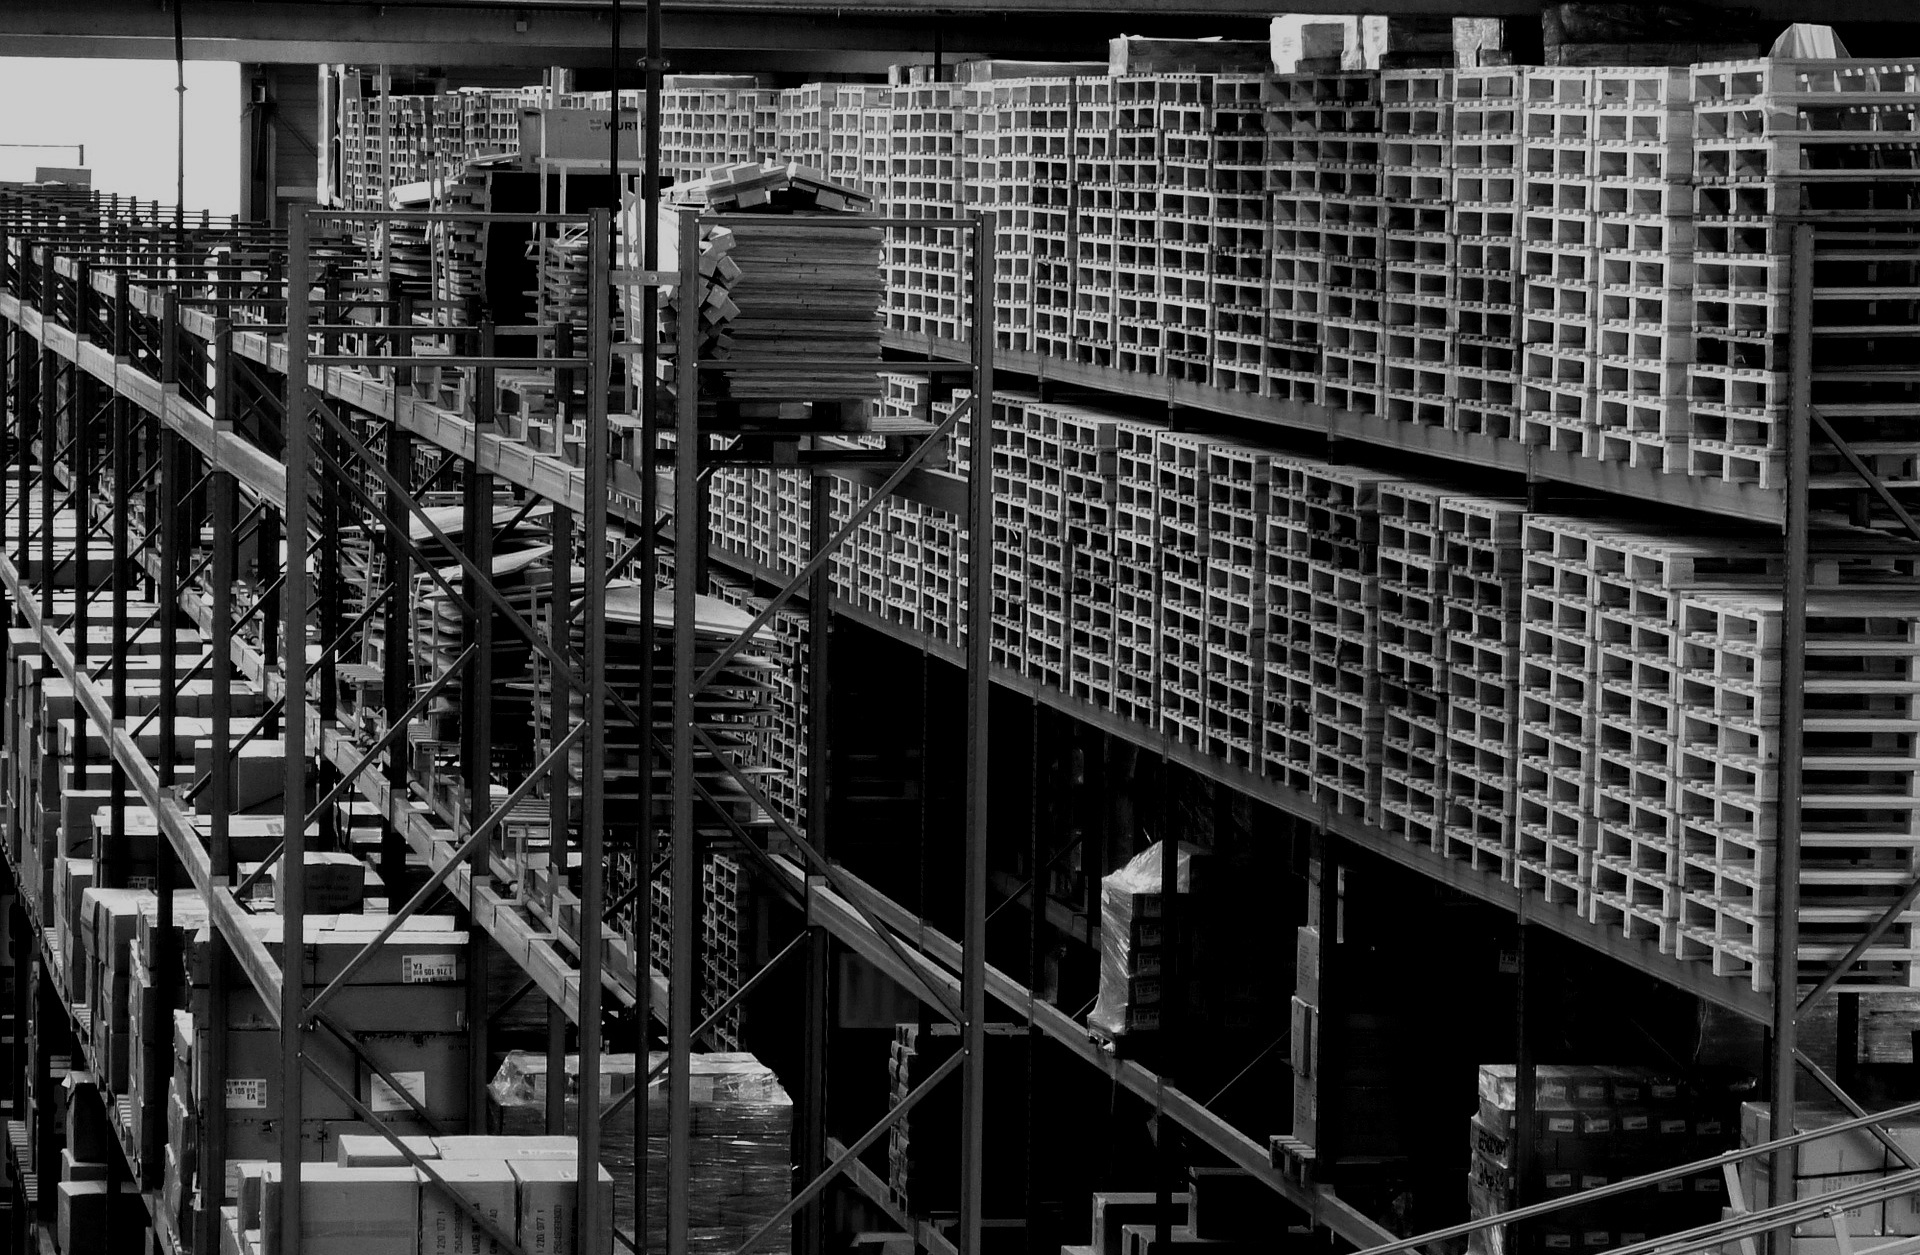 GEFCO - WERK: Bratislava, SlowakeiFUNKTION: Konsignationslager – Buchung von Wareneingang und -ausgang, Bestandsübersicht und Vorbereitung von benötigten LieferungenLEISTUNG: Umschlag von 2.000 Paletten / TagBELEGSCHAFT: 900 Mitarbeiter